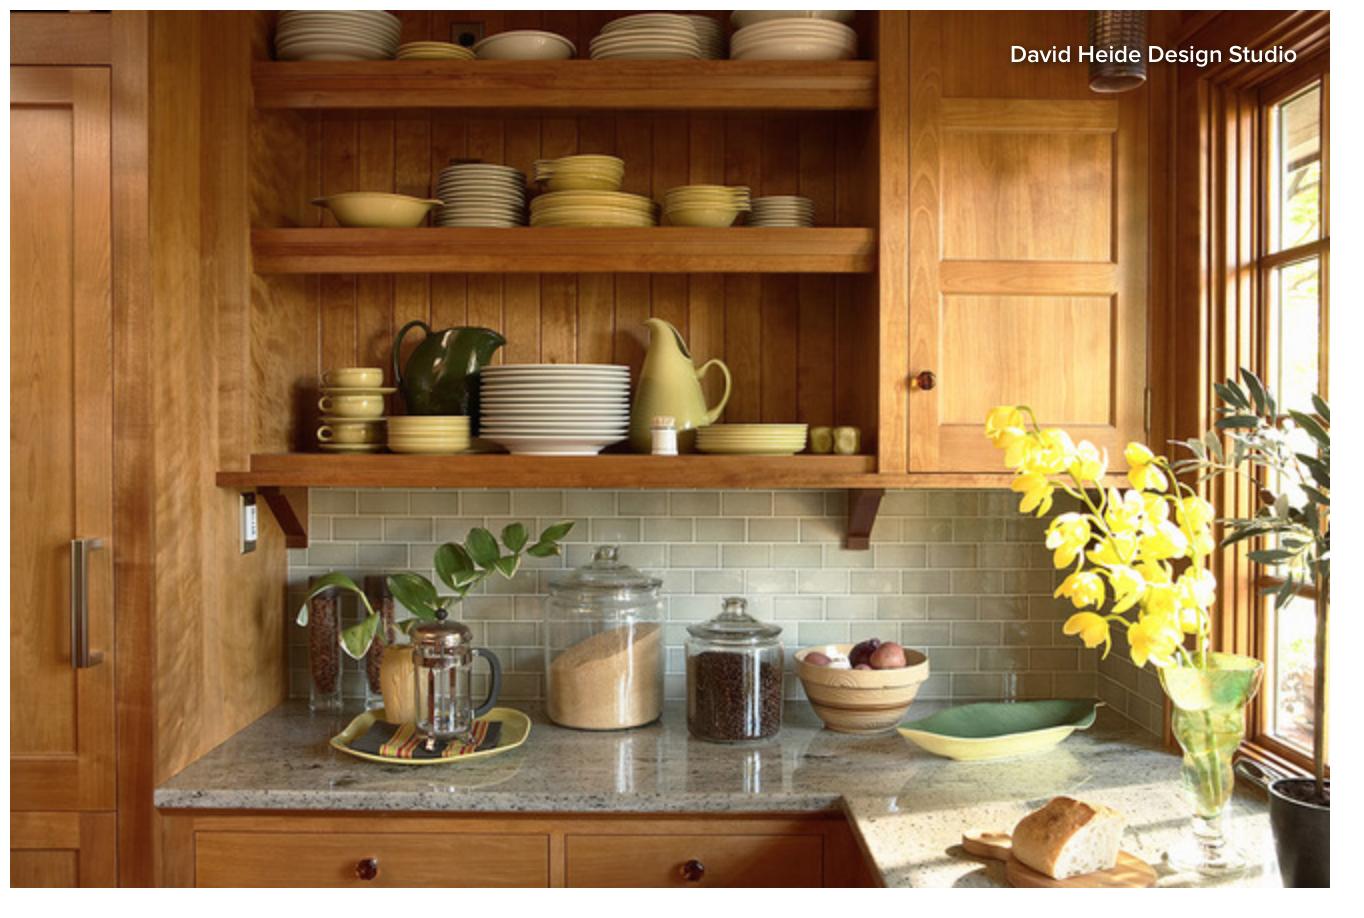 Pin von hatfield auf Guest house | Pinterest